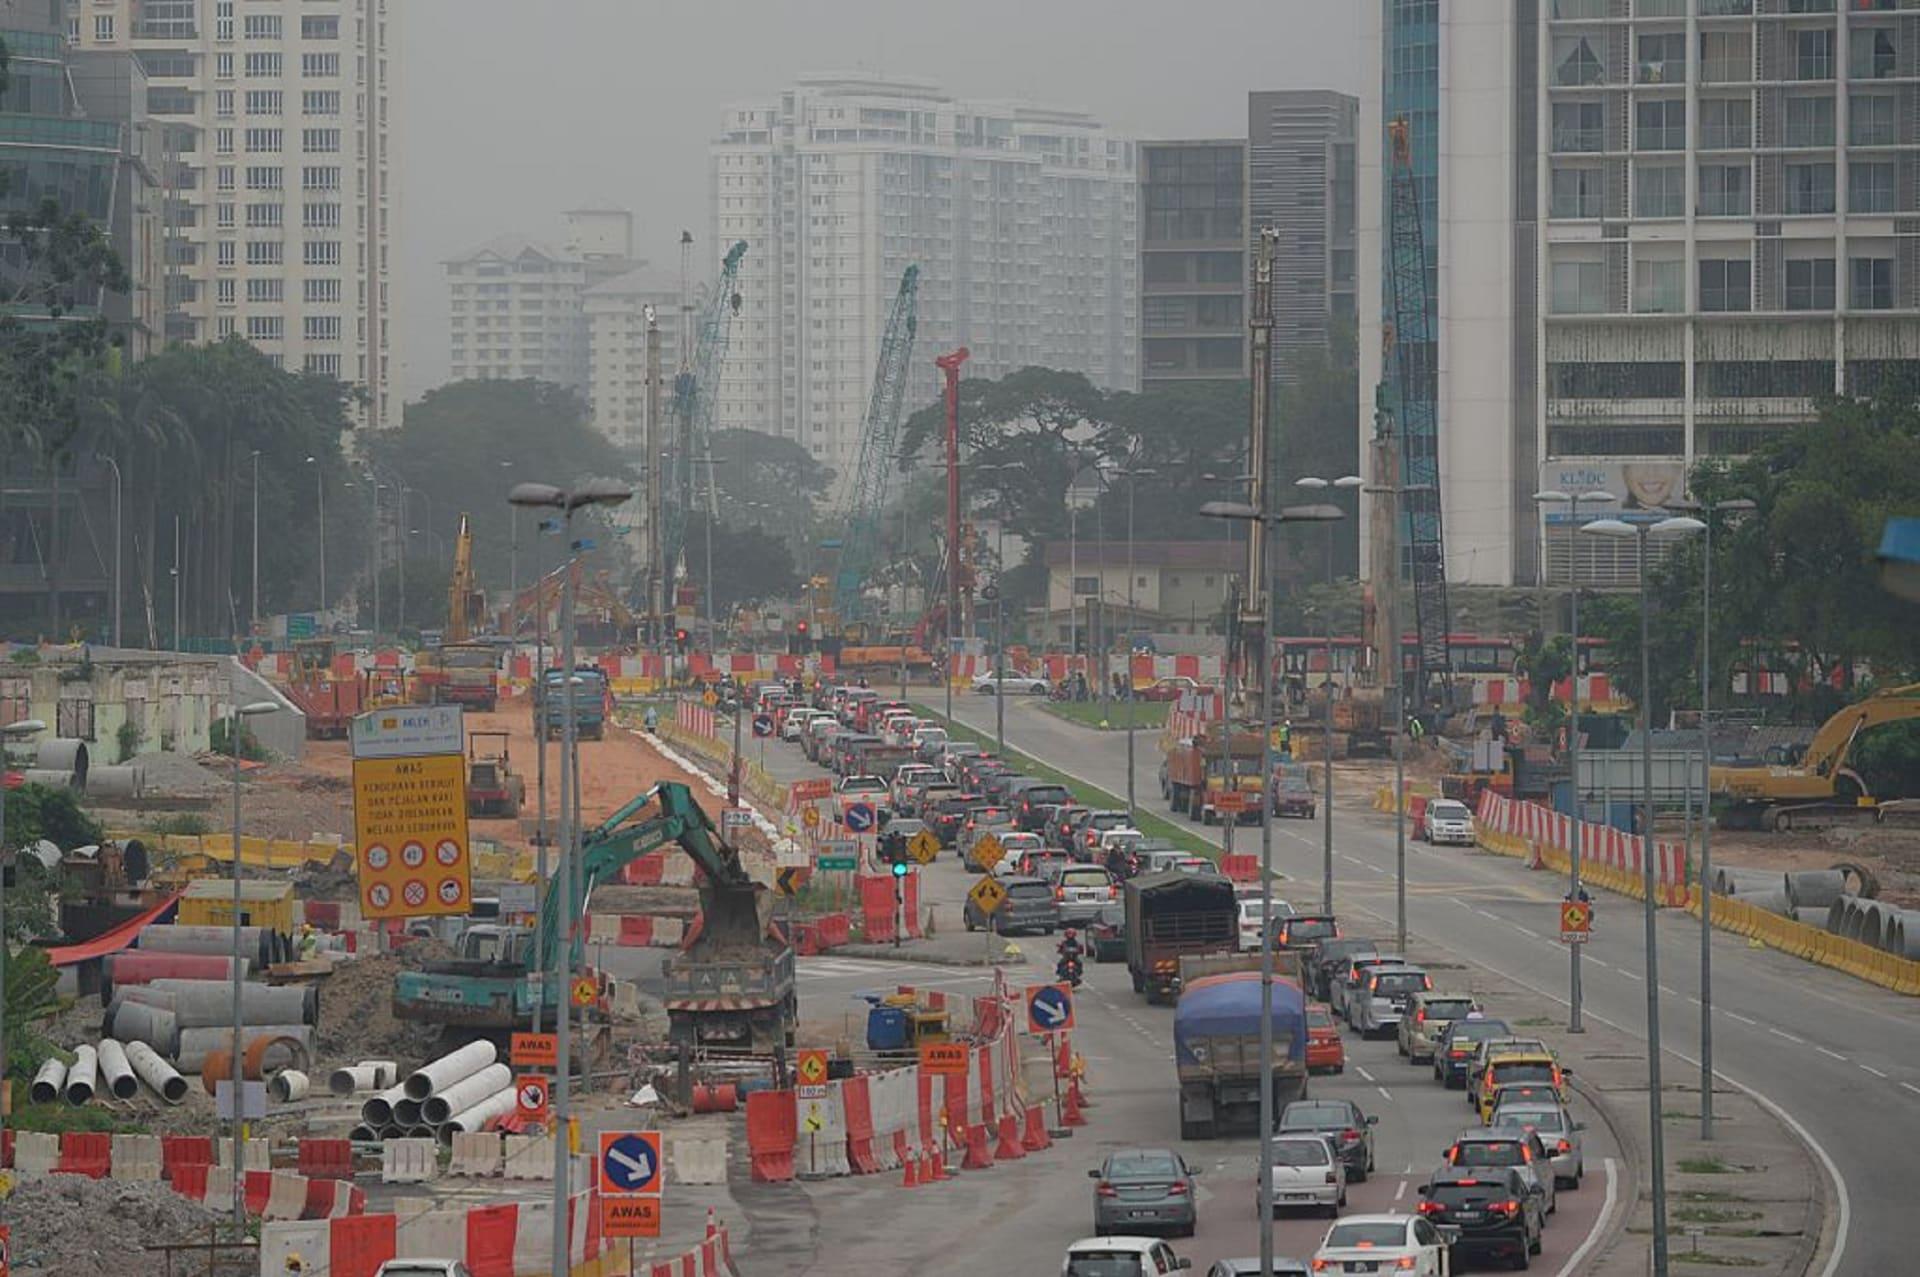 ماليزيا تطالب بـ 3.3 مليار دولار تعويضات من غولدمان ساكس.. فما السبب؟